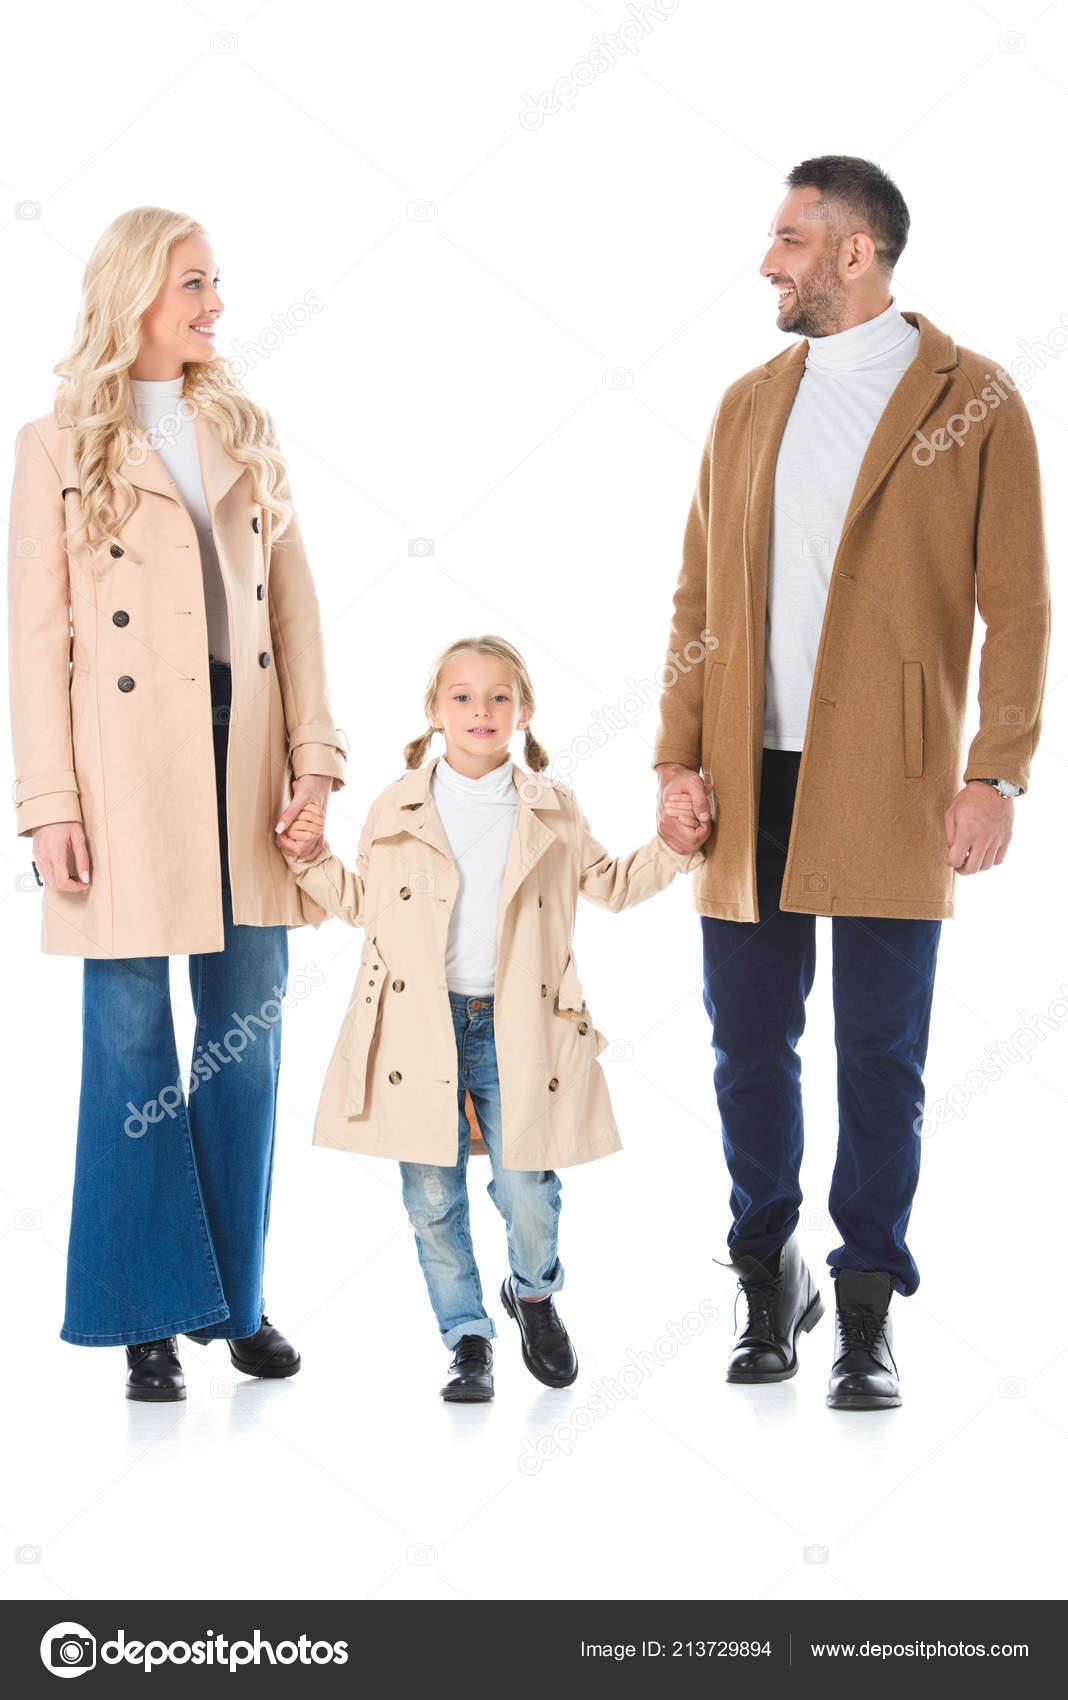 02ad055f1ee Krásné Rodiče Drželi Ruce Dcerou Pózuje Béžové Podzimní Kabáty ...